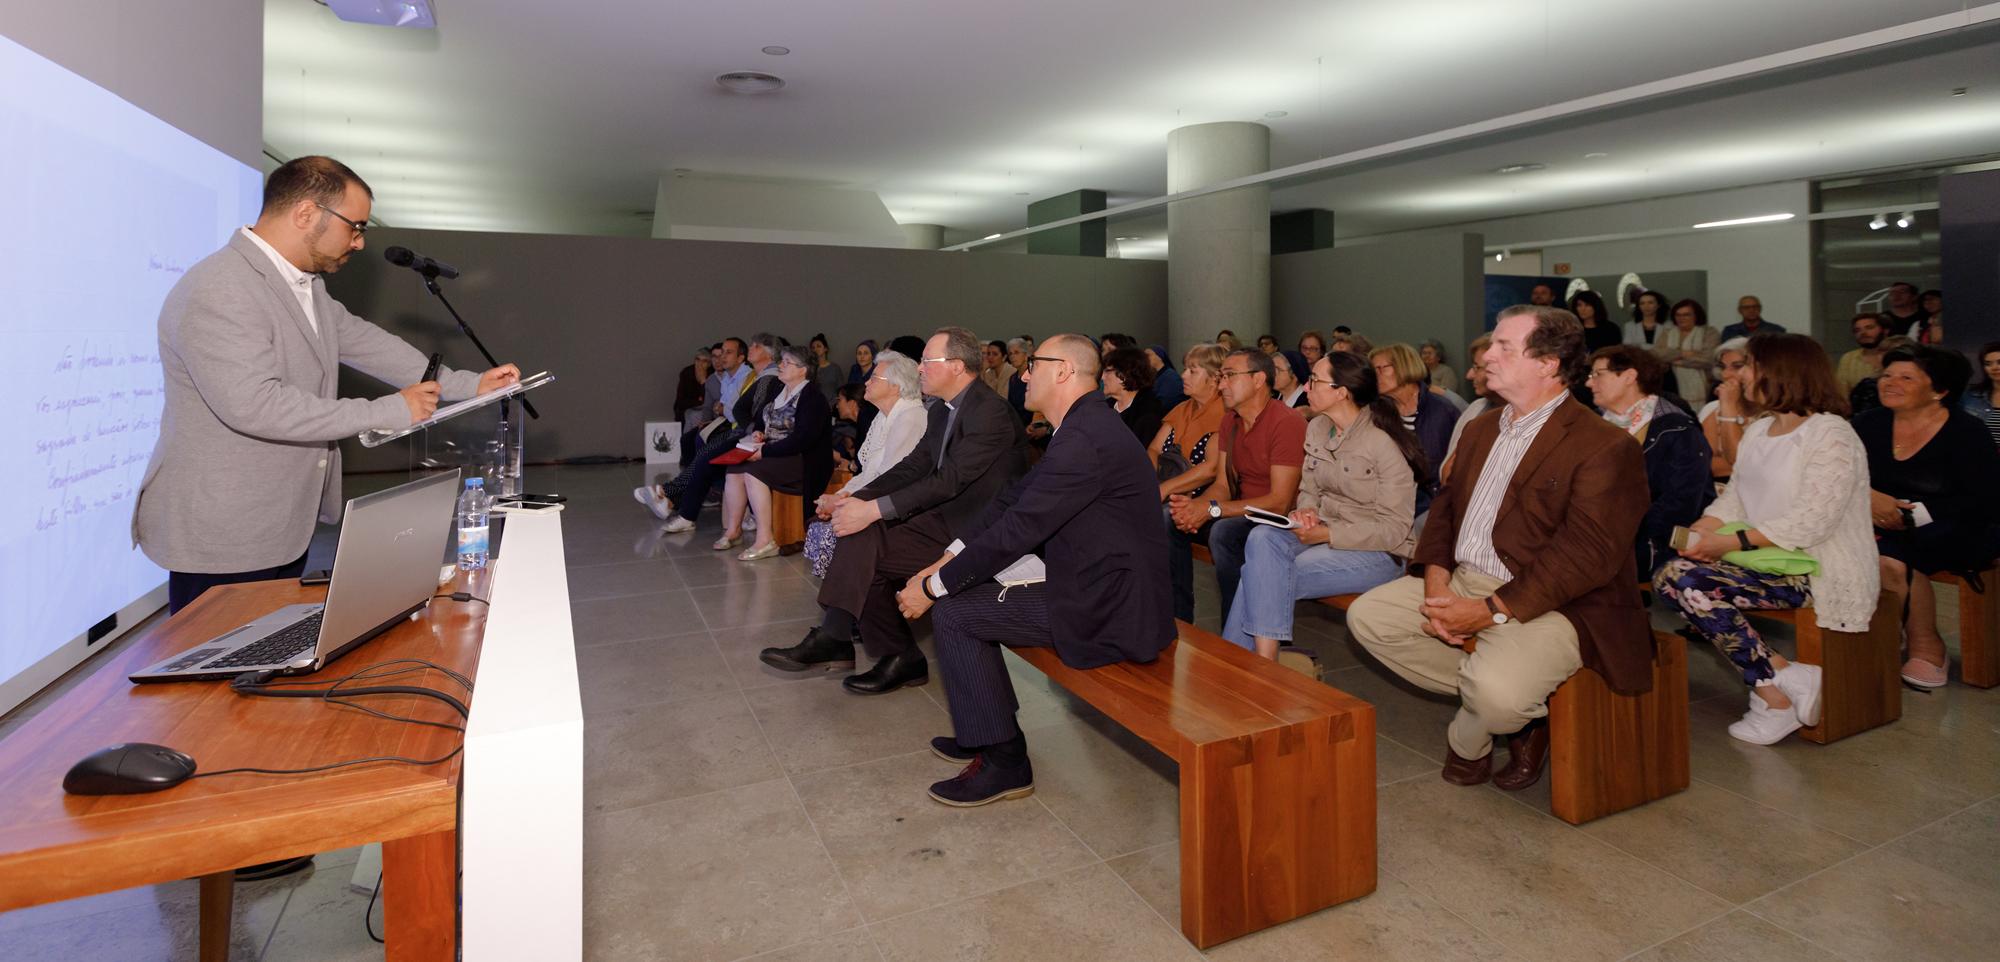 2019-08-07_Visita_Tematica_Correio_nossa_Senhora_2.jpg